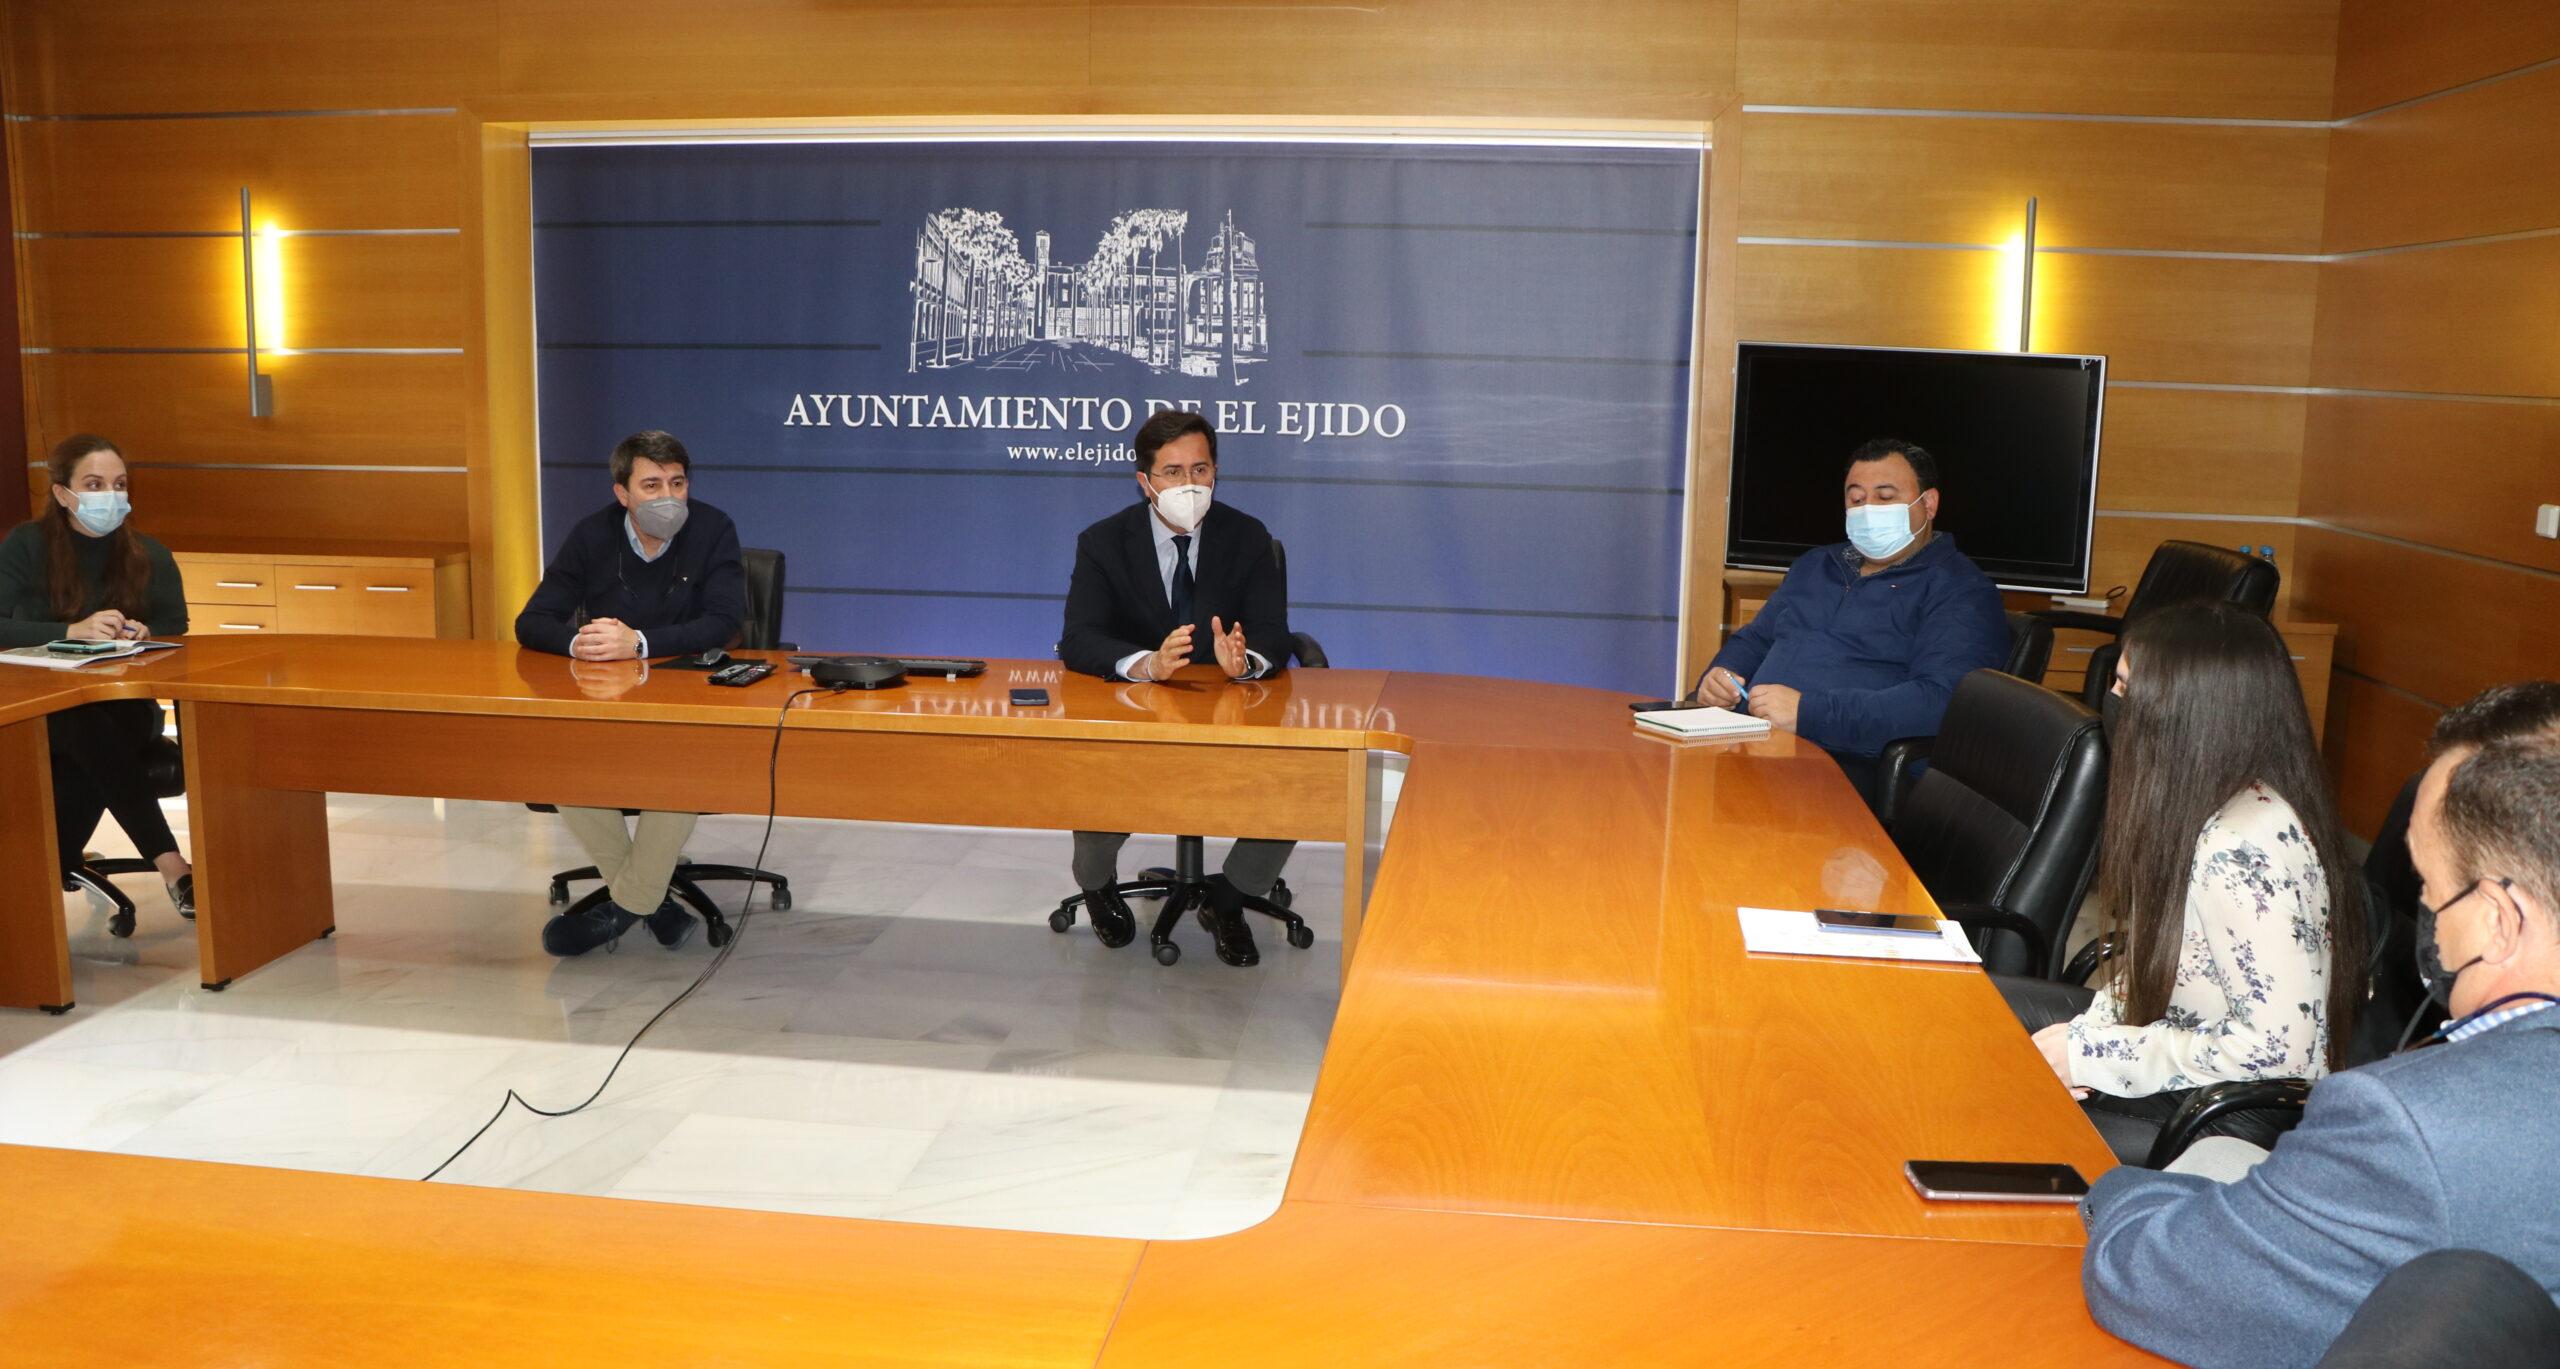 El Ayuntamiento de El Ejido y Grupo Agroponiente trabajan en posibles proyectos conjuntos de protección del medioambiente